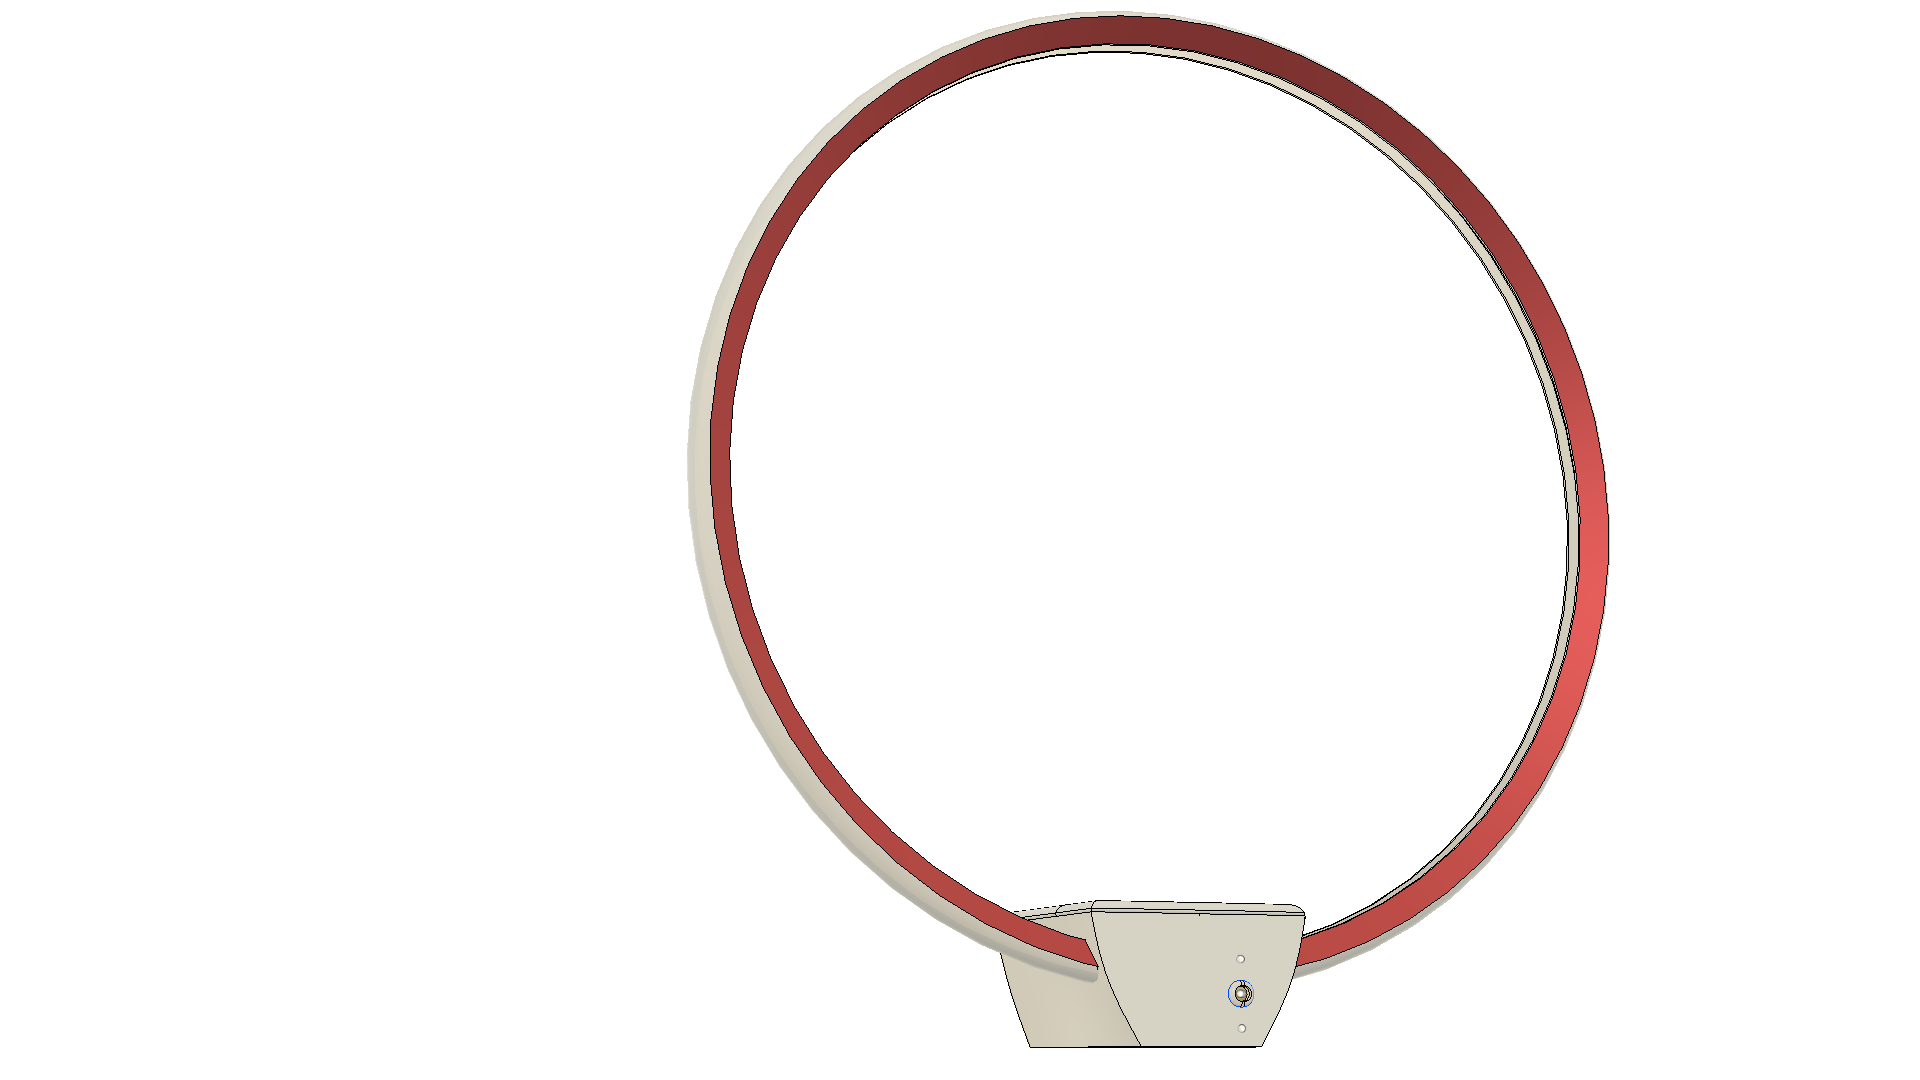 Lampara Mesada 2.png Télécharger fichier STL gratuit Lampe - Circulaire LED - Circulaire • Design pour impression 3D, JDF89